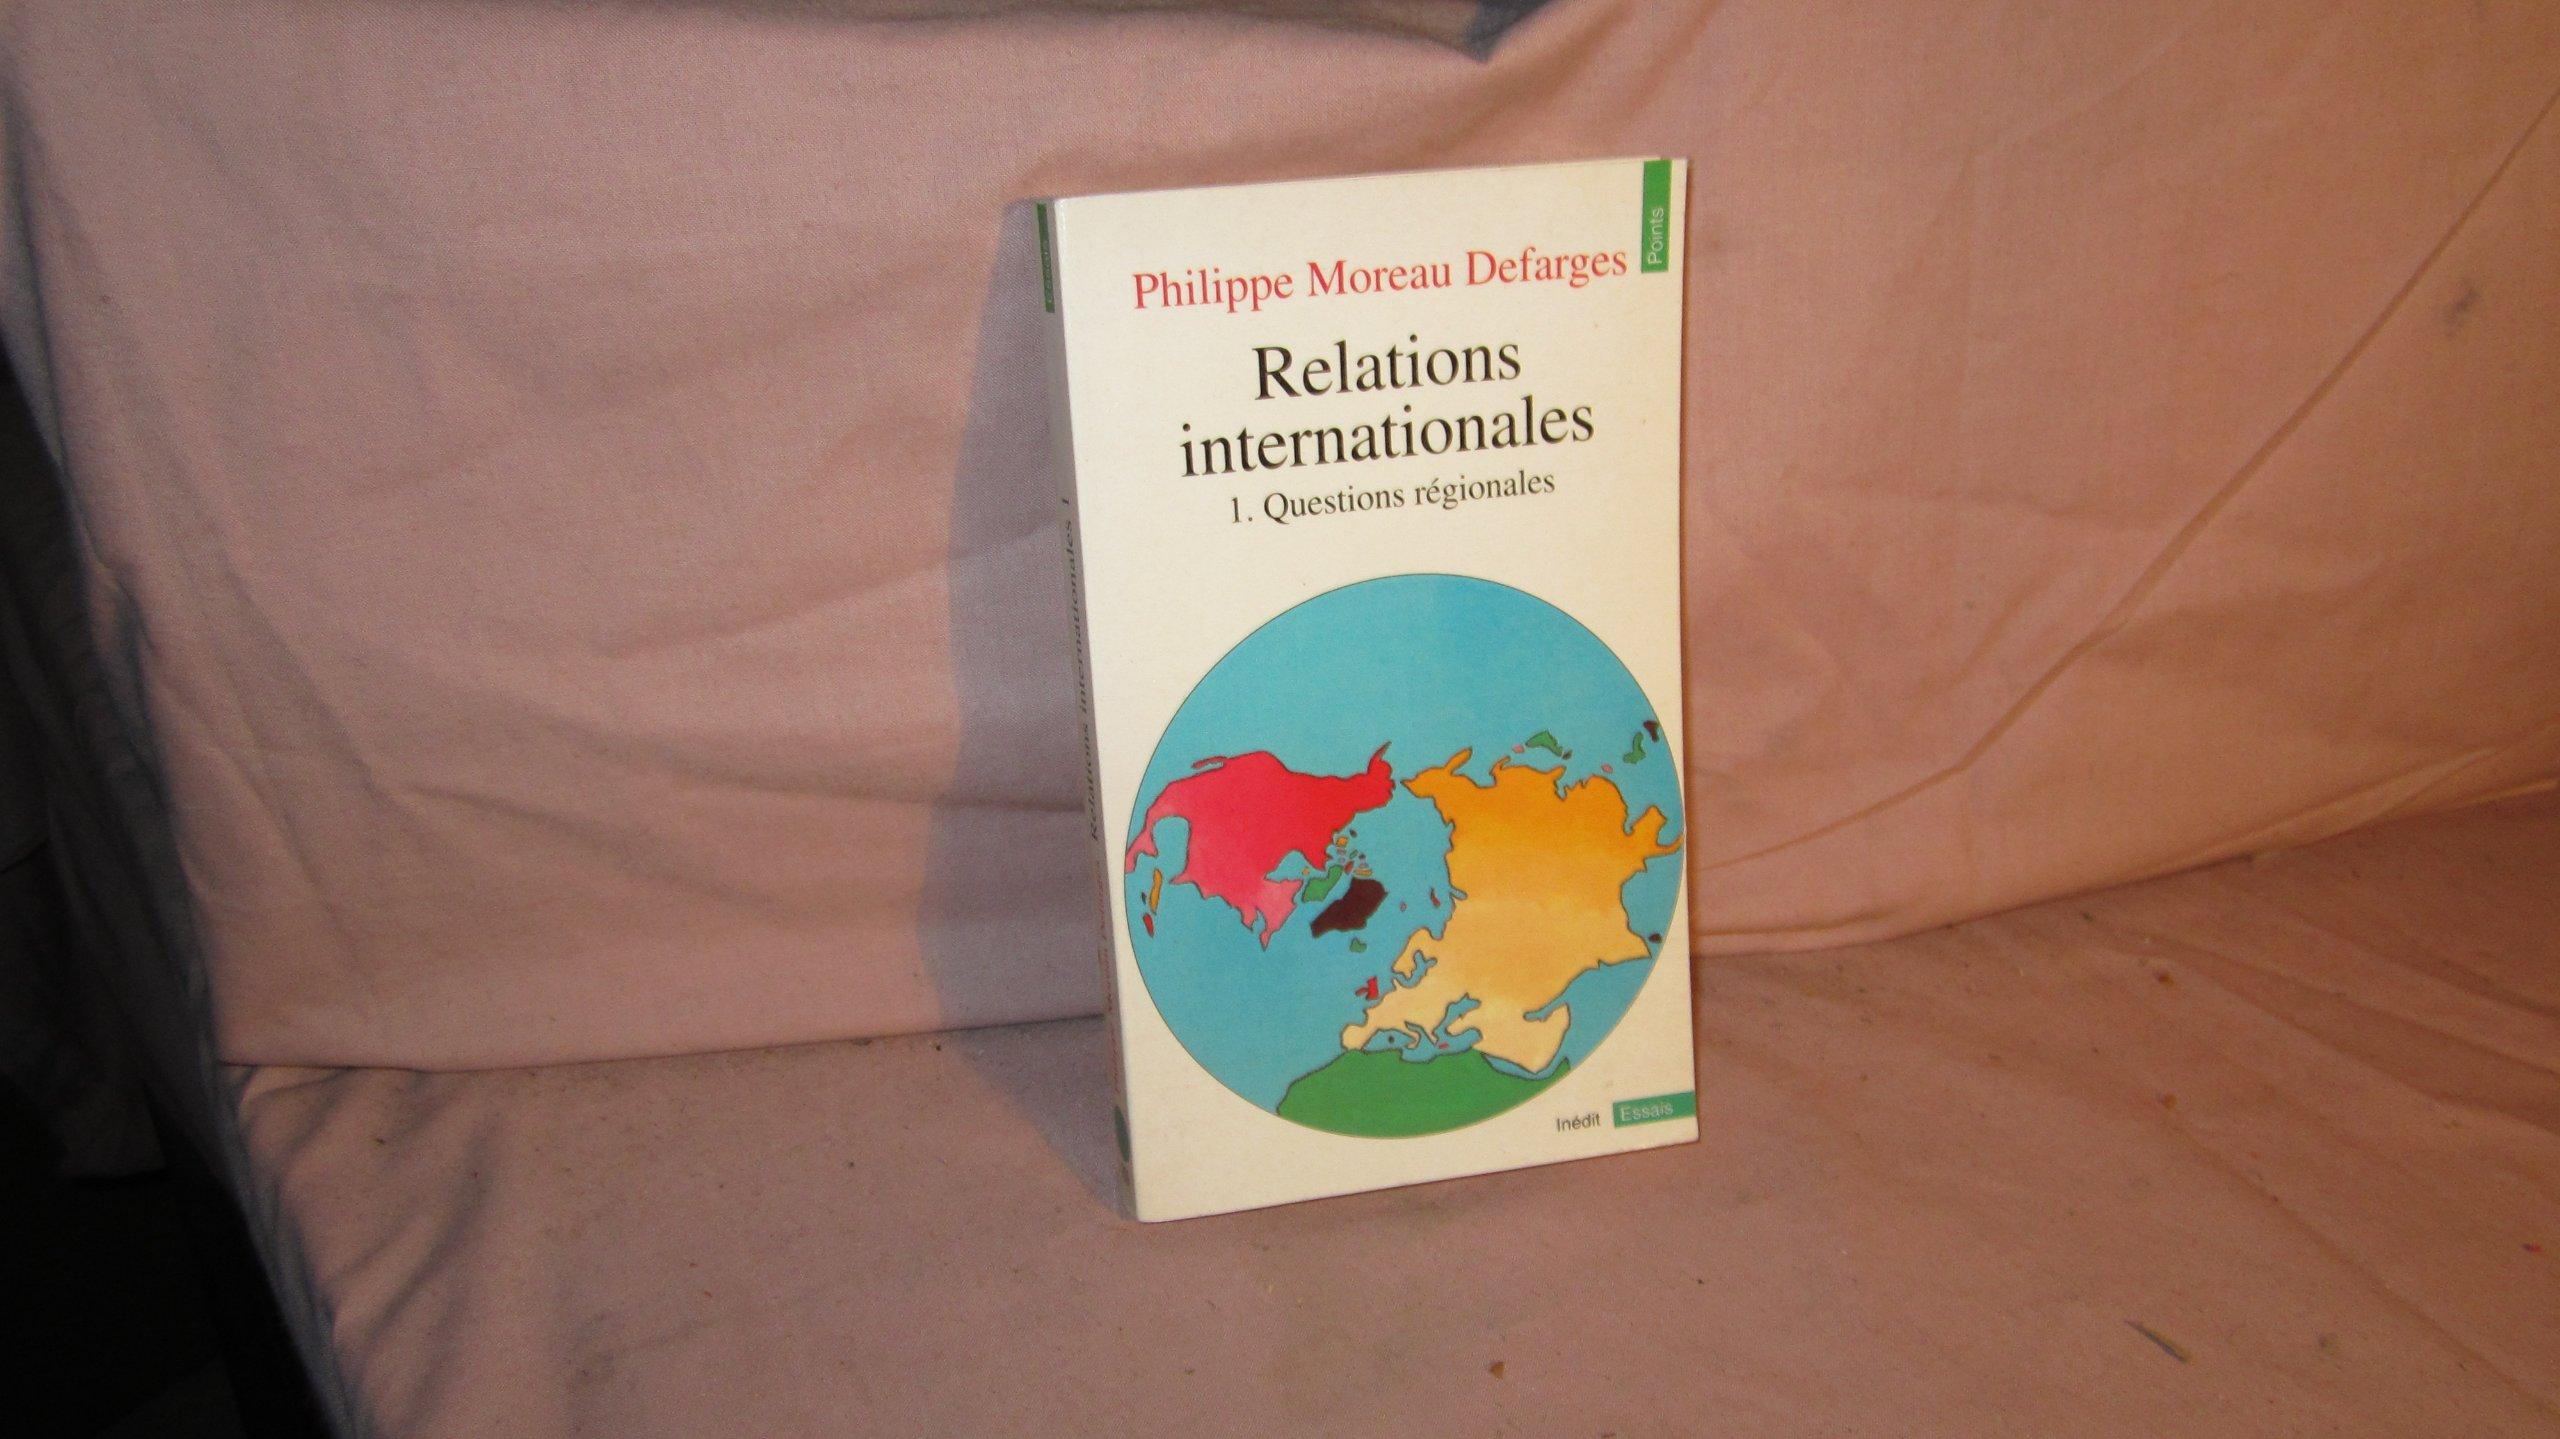 Relations internationales, tome 1 : Questions régionales Poche – 2 février 1993 Philippe Moreau Defarges Seuil 2020153815 Histoire internationale